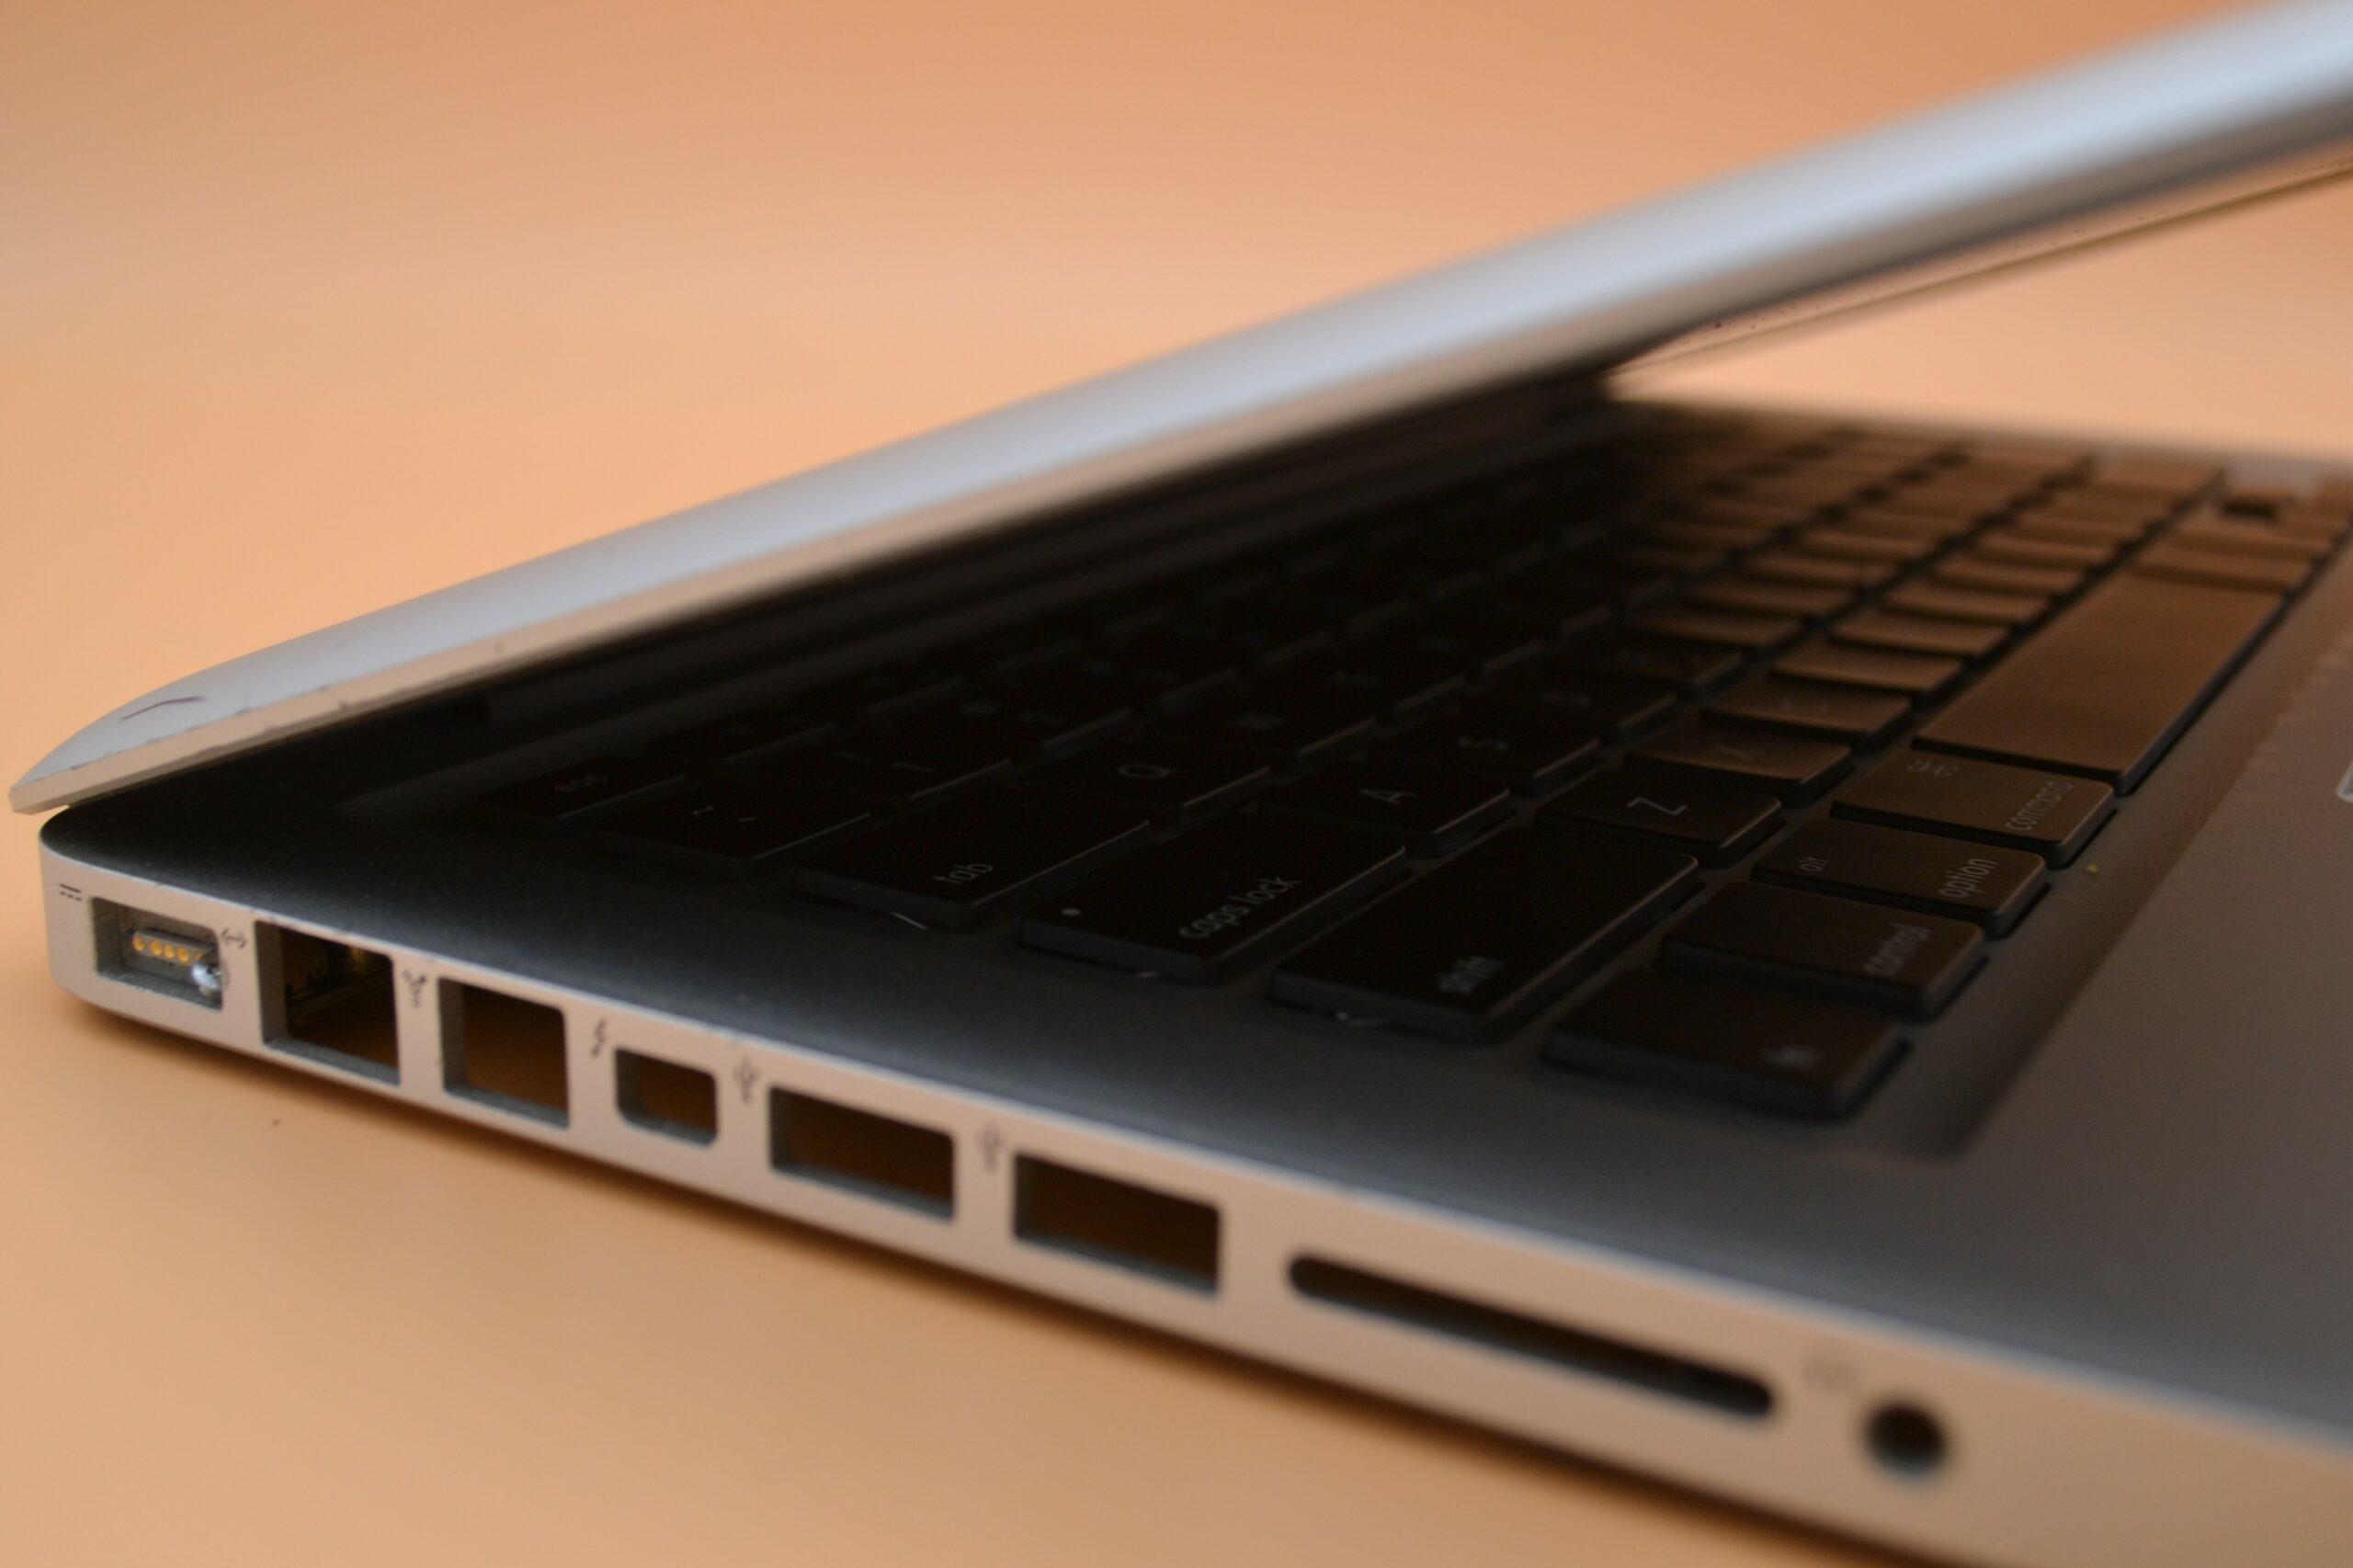 Macbook pro, computer overheating, how to fix